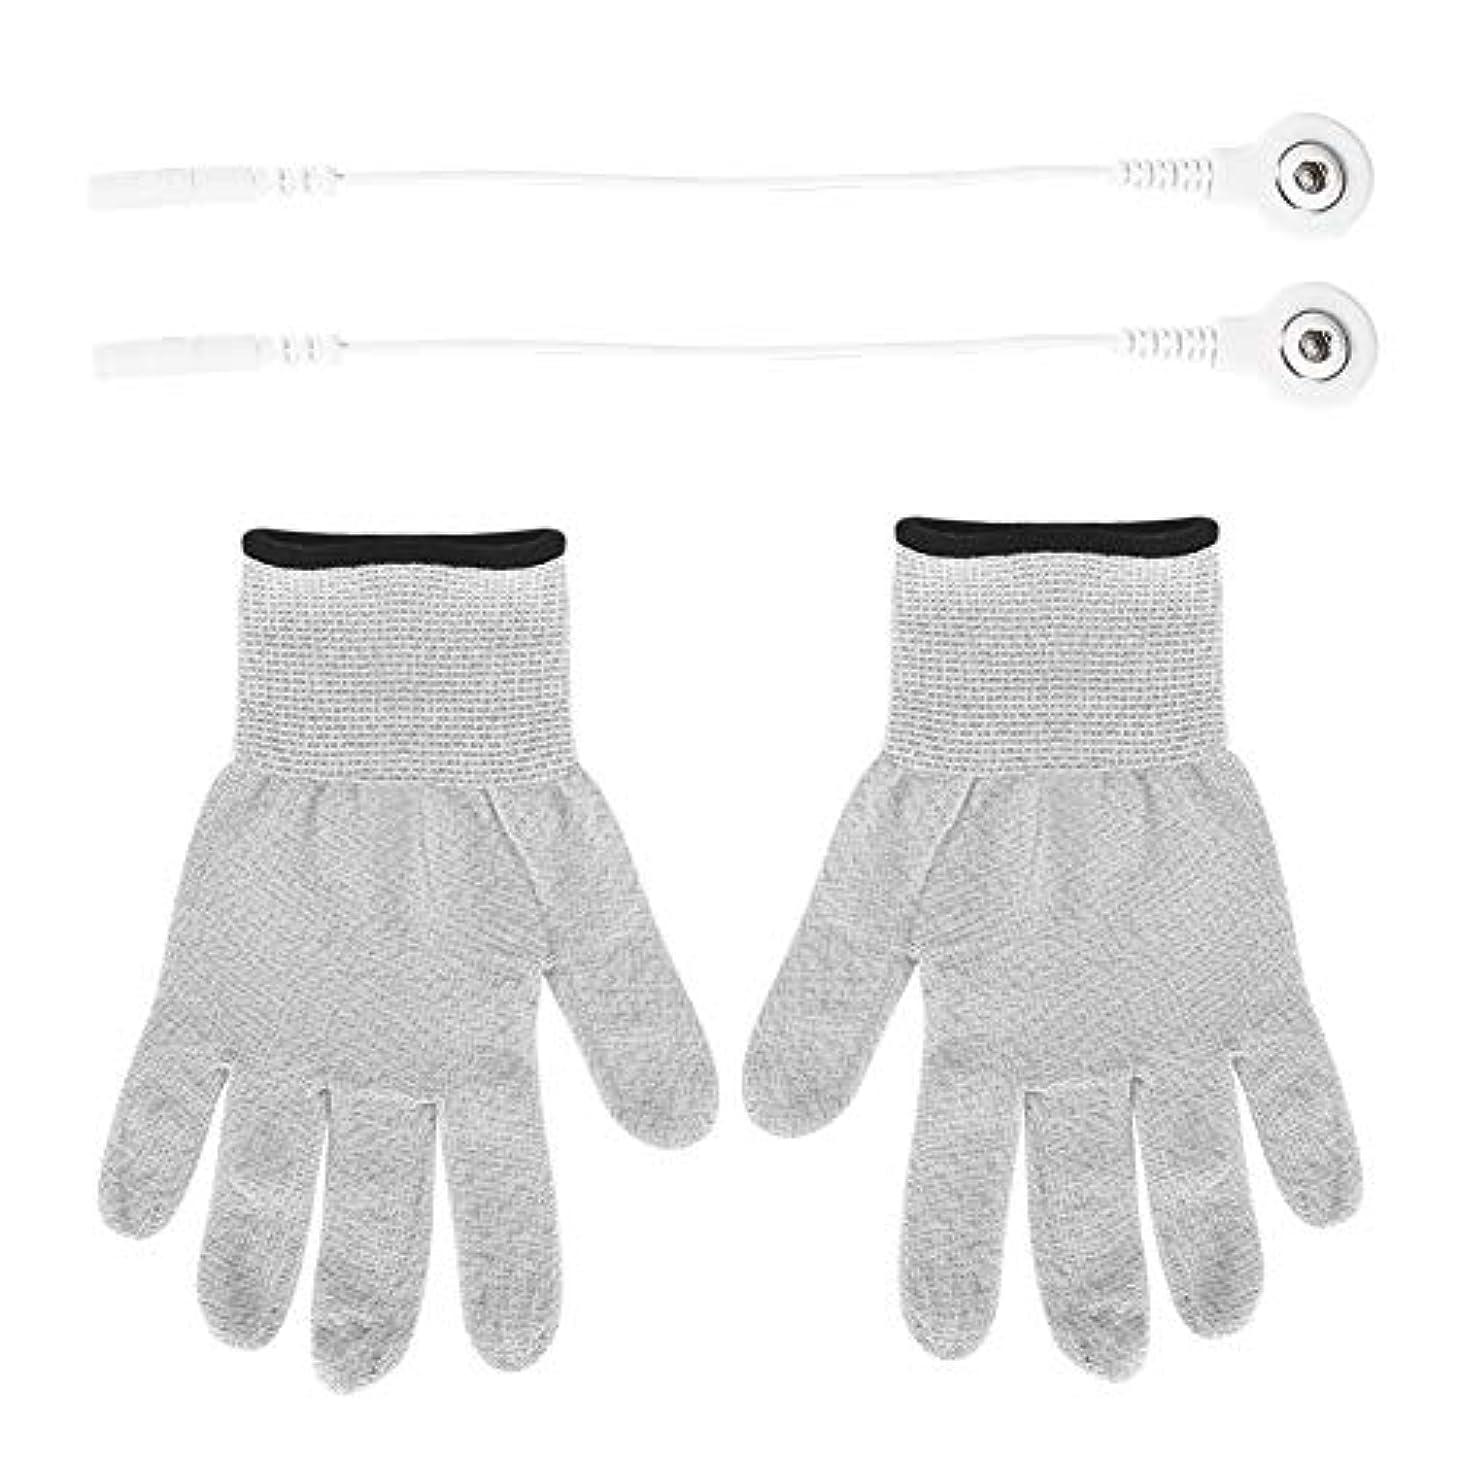 多年生毎日義務づける電極手袋、1対の導電性繊維電極手袋、アダプター電極付き電気ショックファイバー用リード線